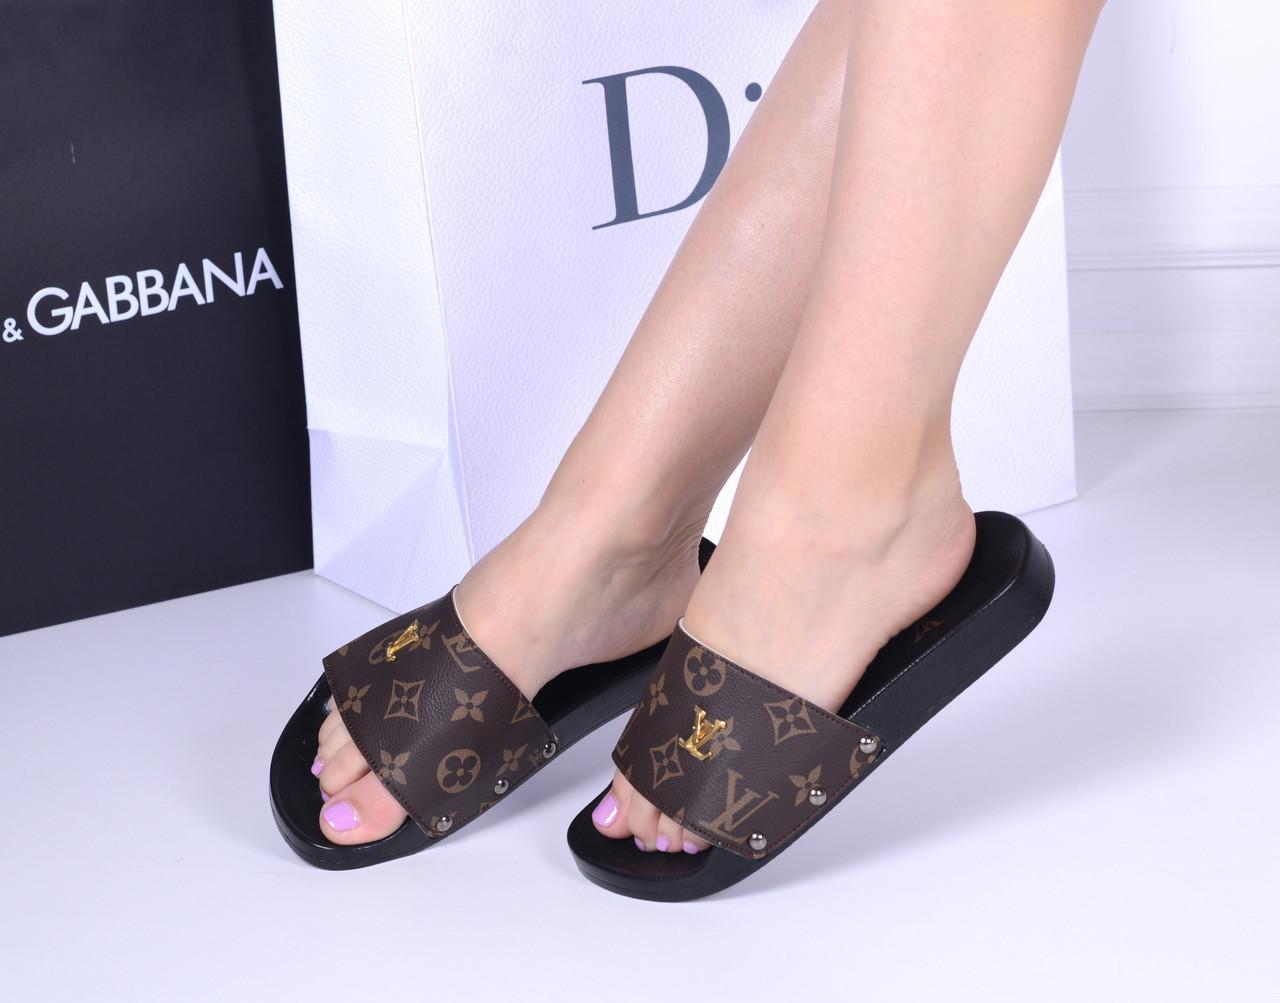 0eceed547 Женские шлепки LV из еко-кожи - Интернет-магазин Shopogolik (стильная женская  обувь